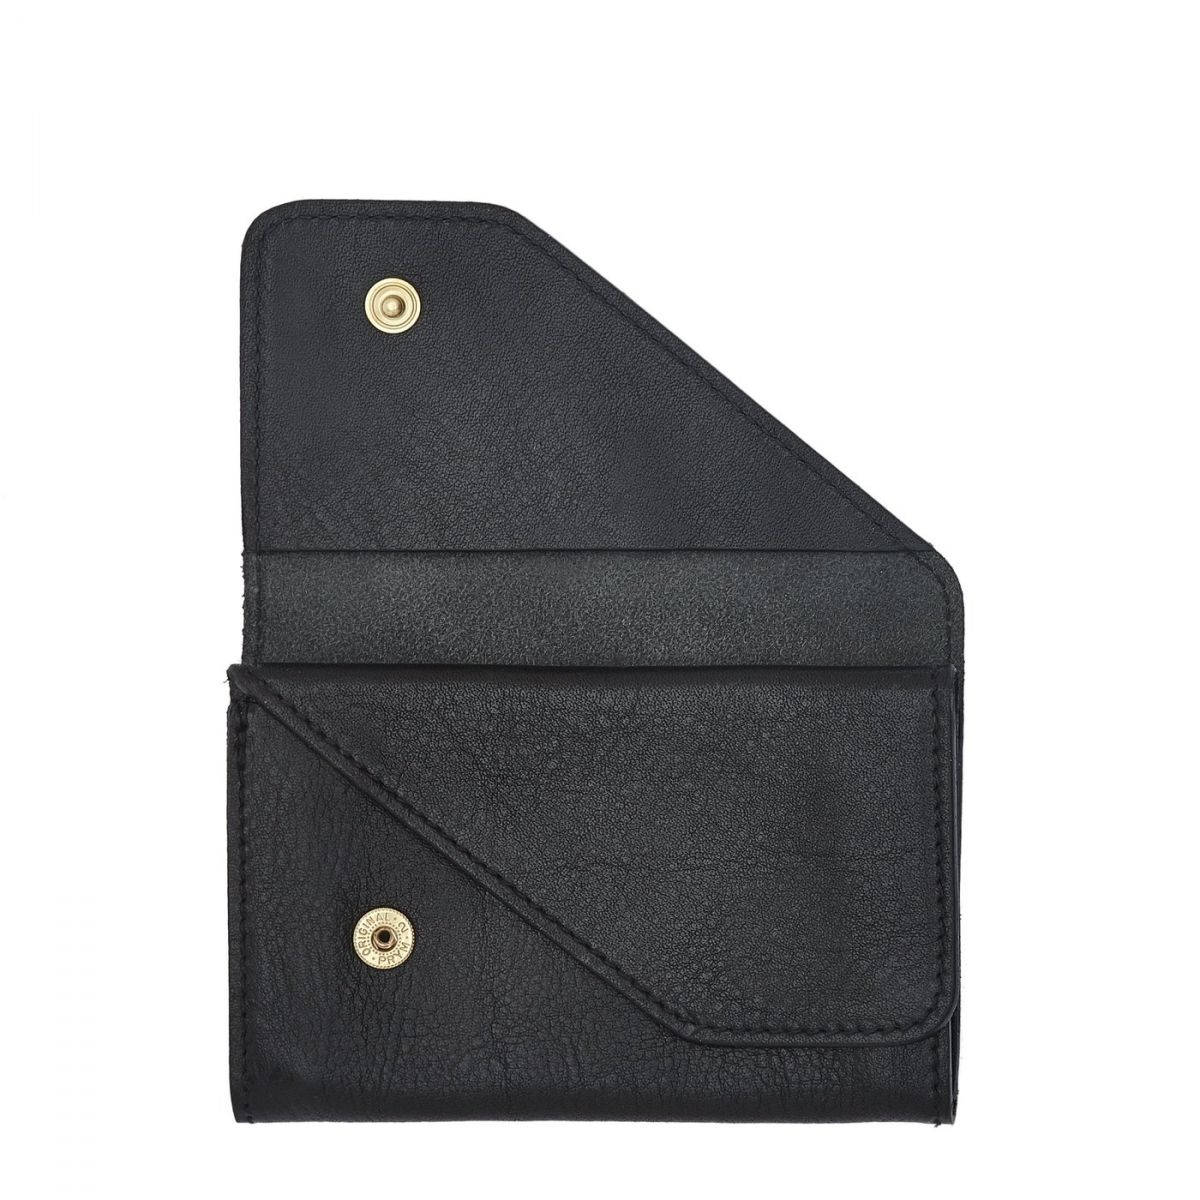 Porte-Cartes  en Cuir De Vachette Doublé SCC015 couleur Noir | Details